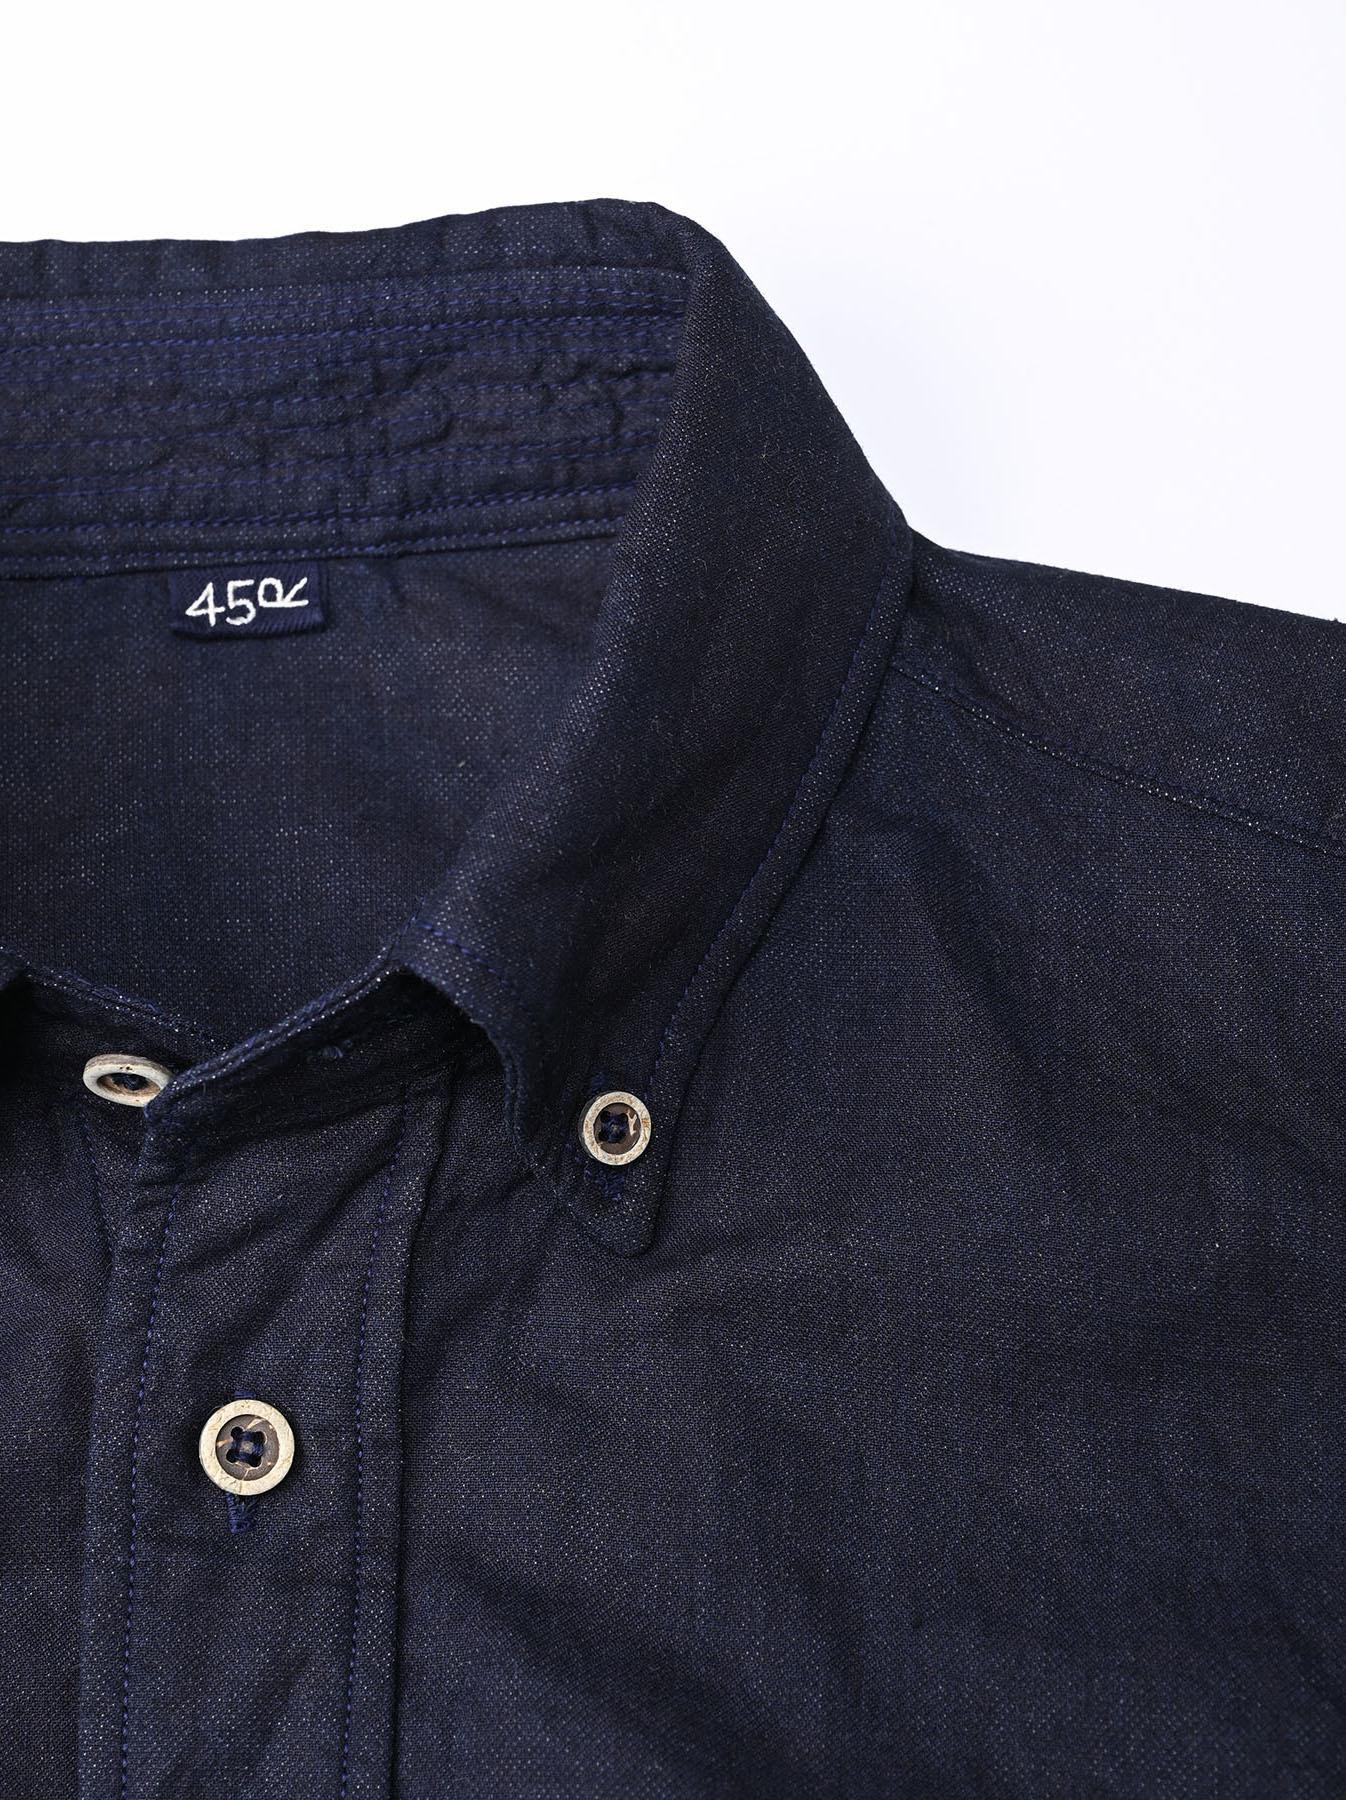 Indigo Gauze 908 Ocean Shirt-6